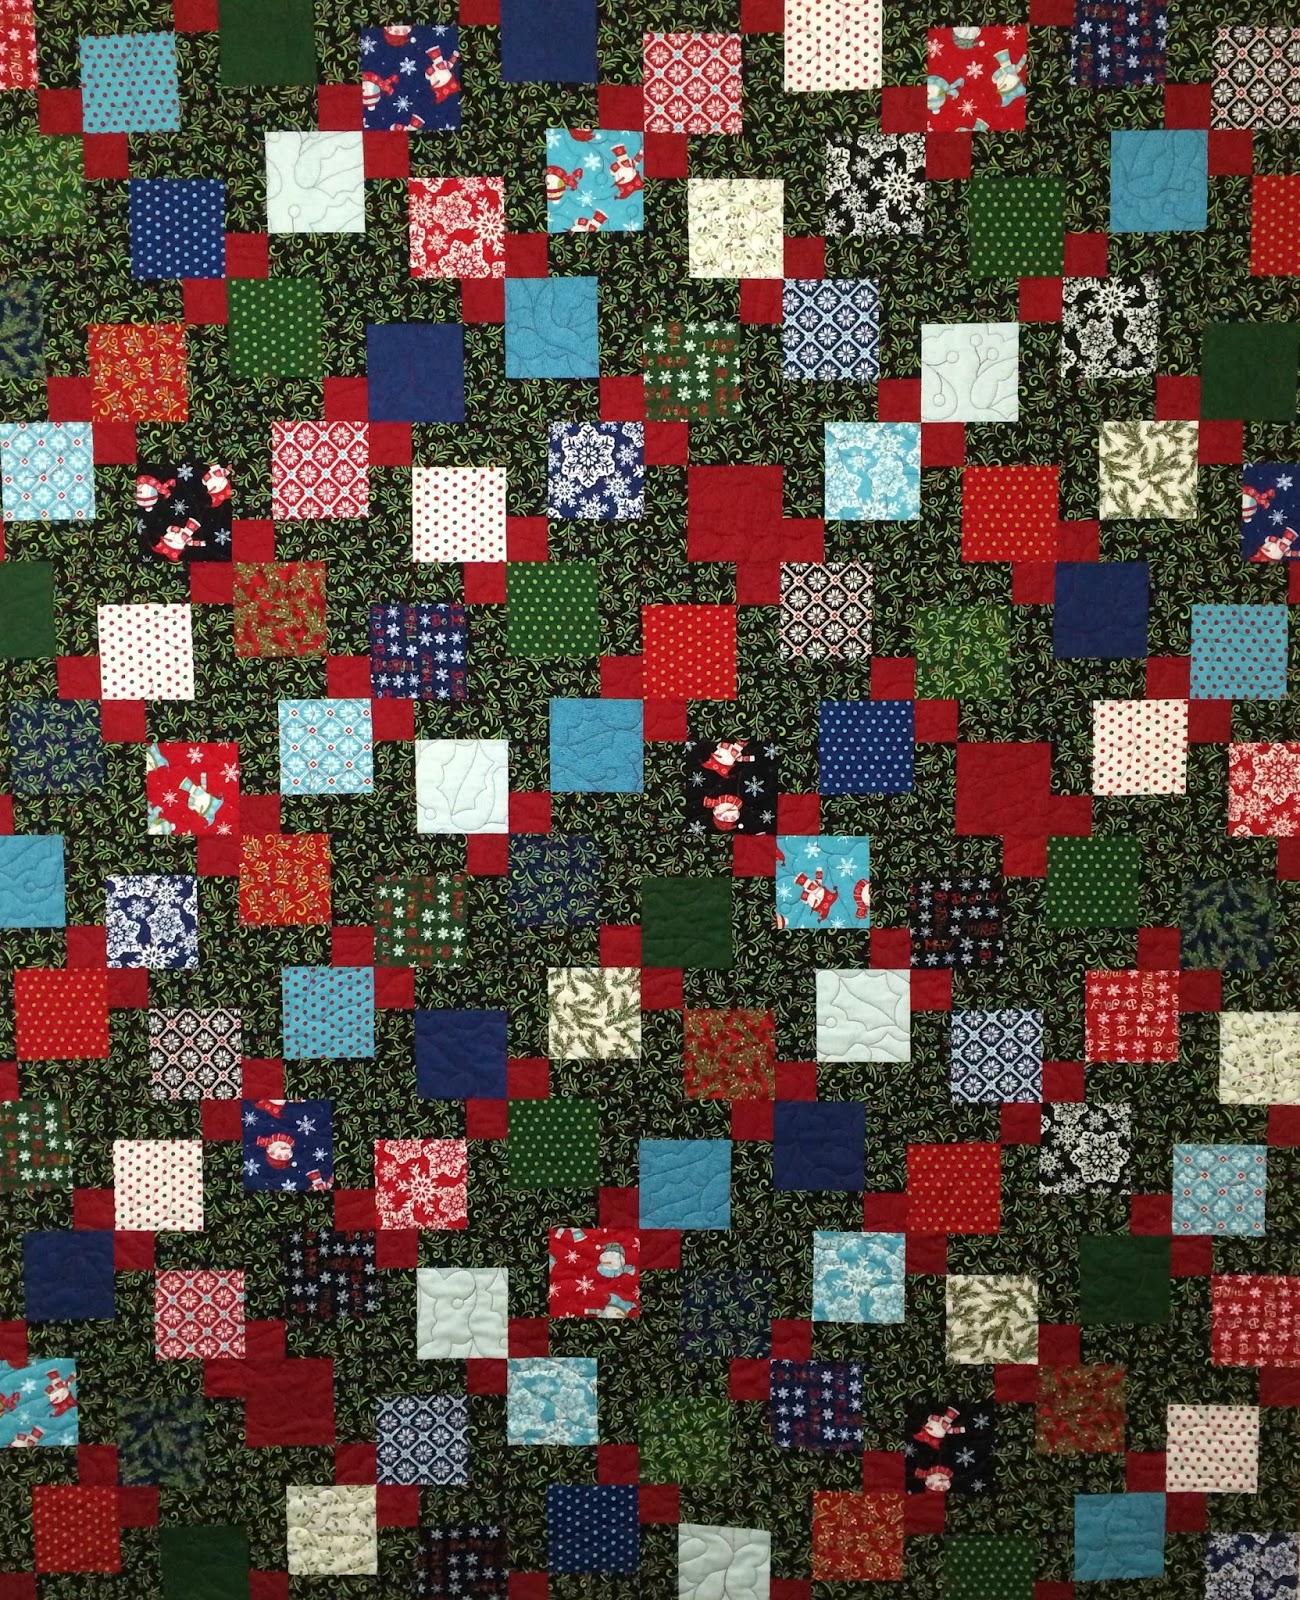 Leslie St. Onge's Christmas Quilt